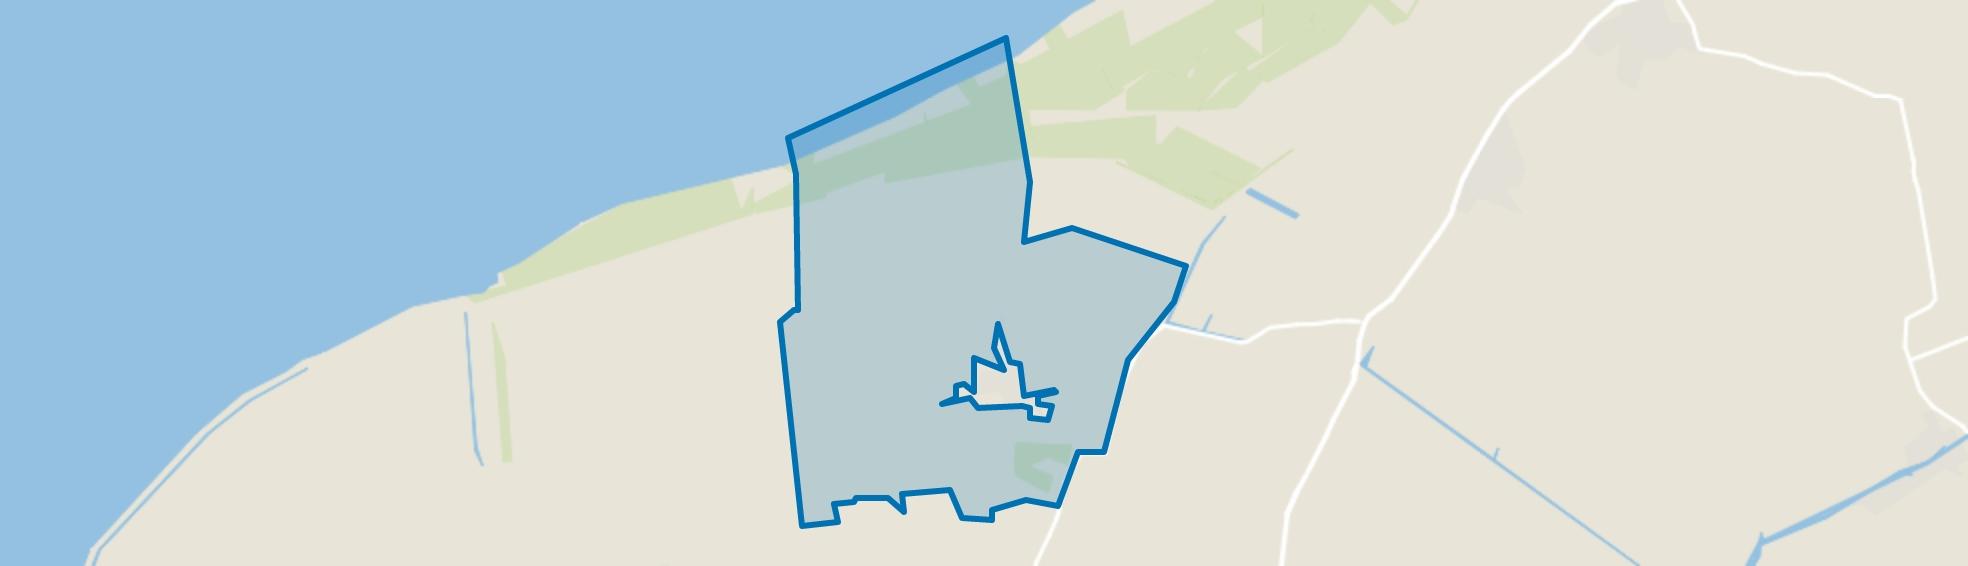 Buitengebied Oudebildtzijl, Oudebildtzijl map